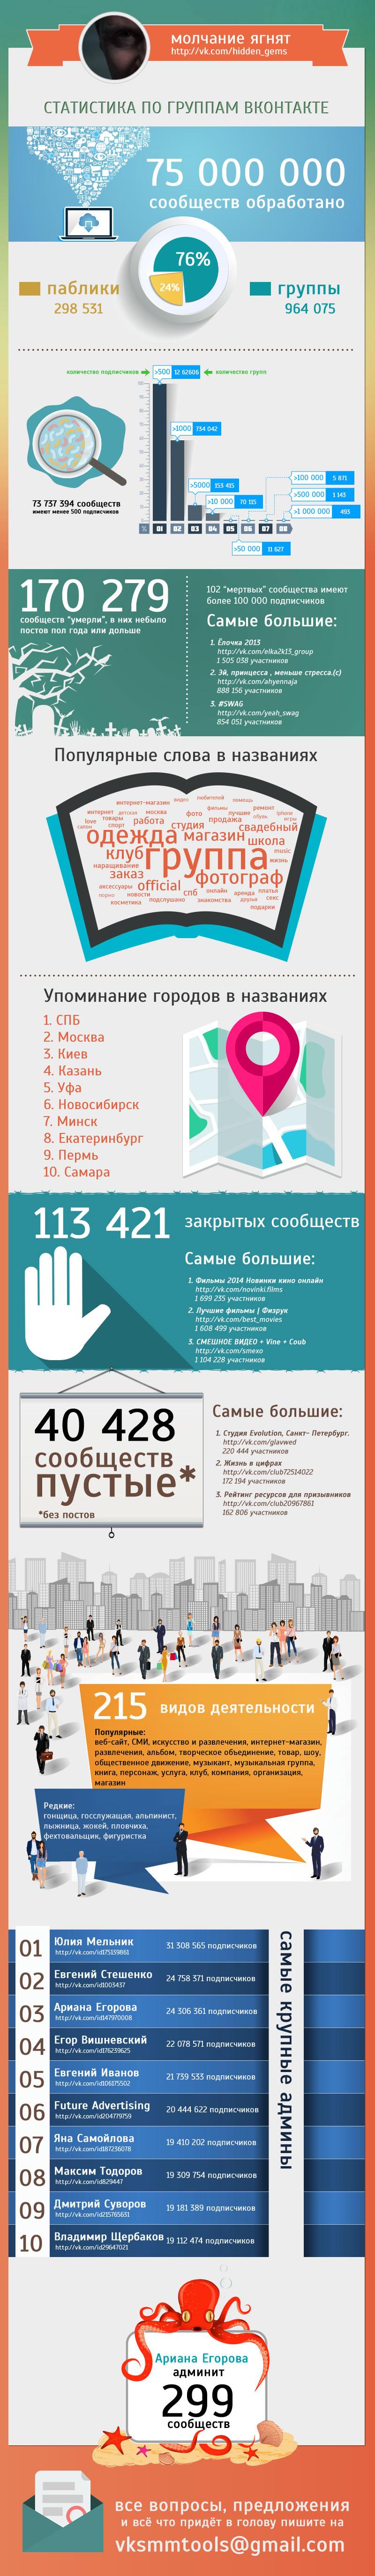 Статистика по группам вконтакте - инфографика